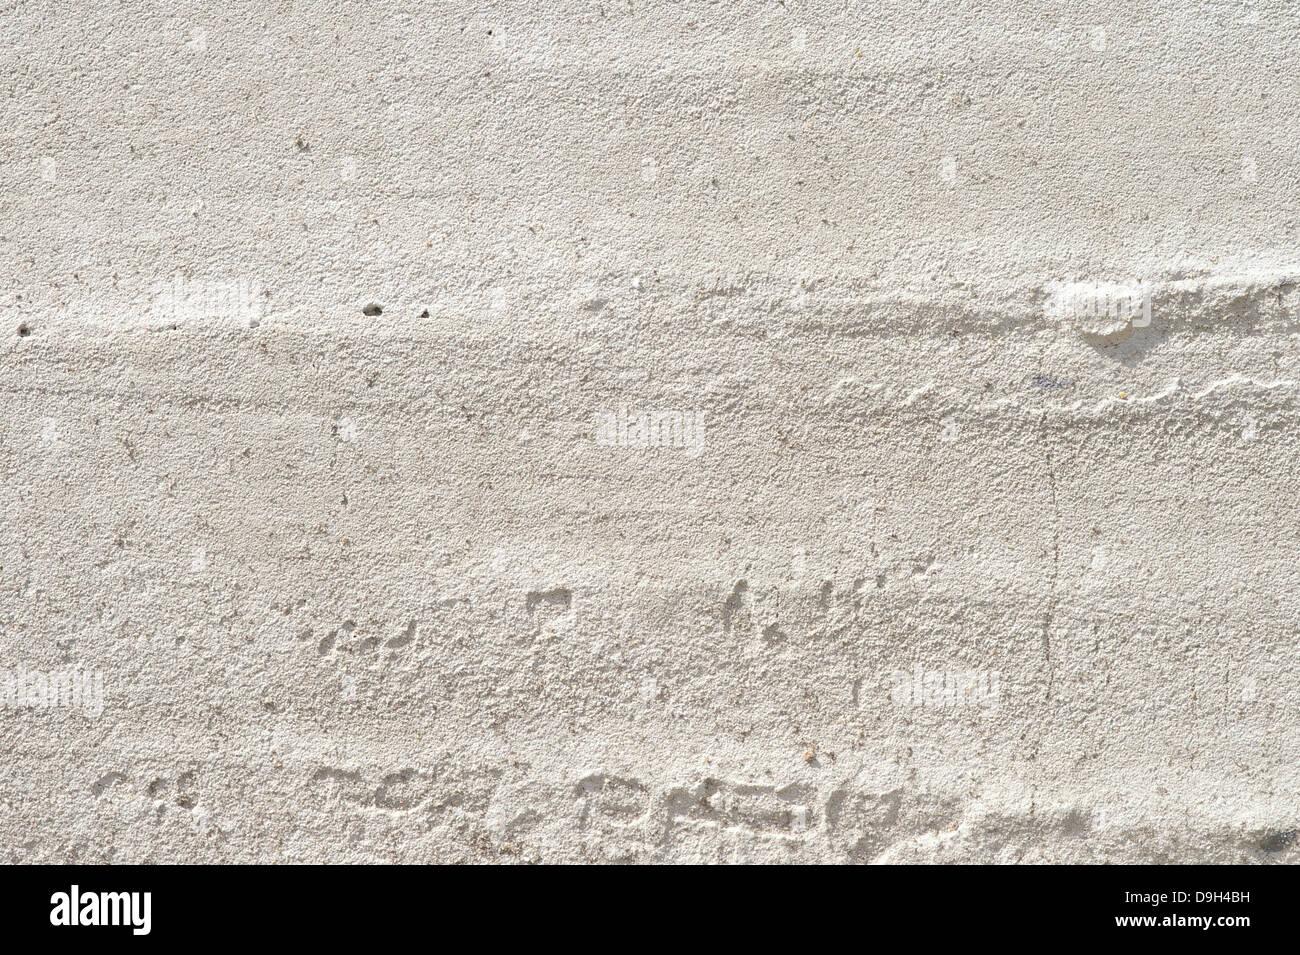 Weiße Wand Beton Monolith Hintergrund strukturiert natürlichen Zement oder Stein alte Textur urbane Muster Stockbild